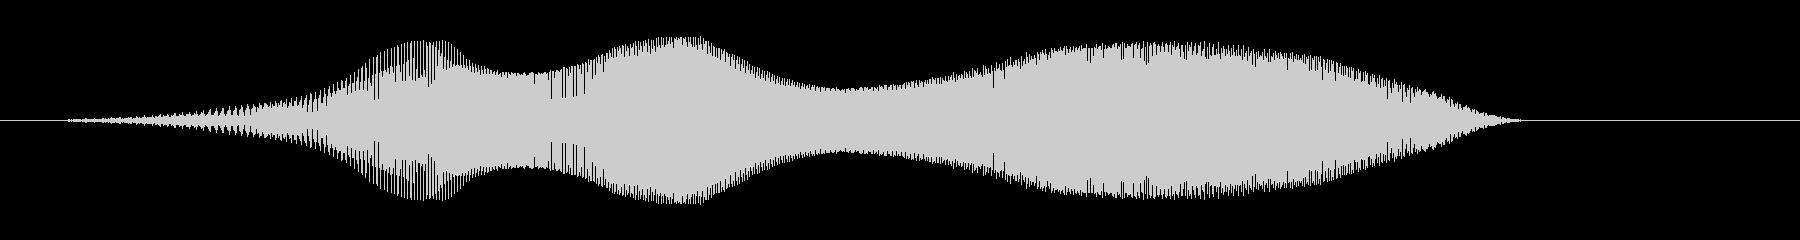 ピヤー(失敗・エラー時の音)の未再生の波形